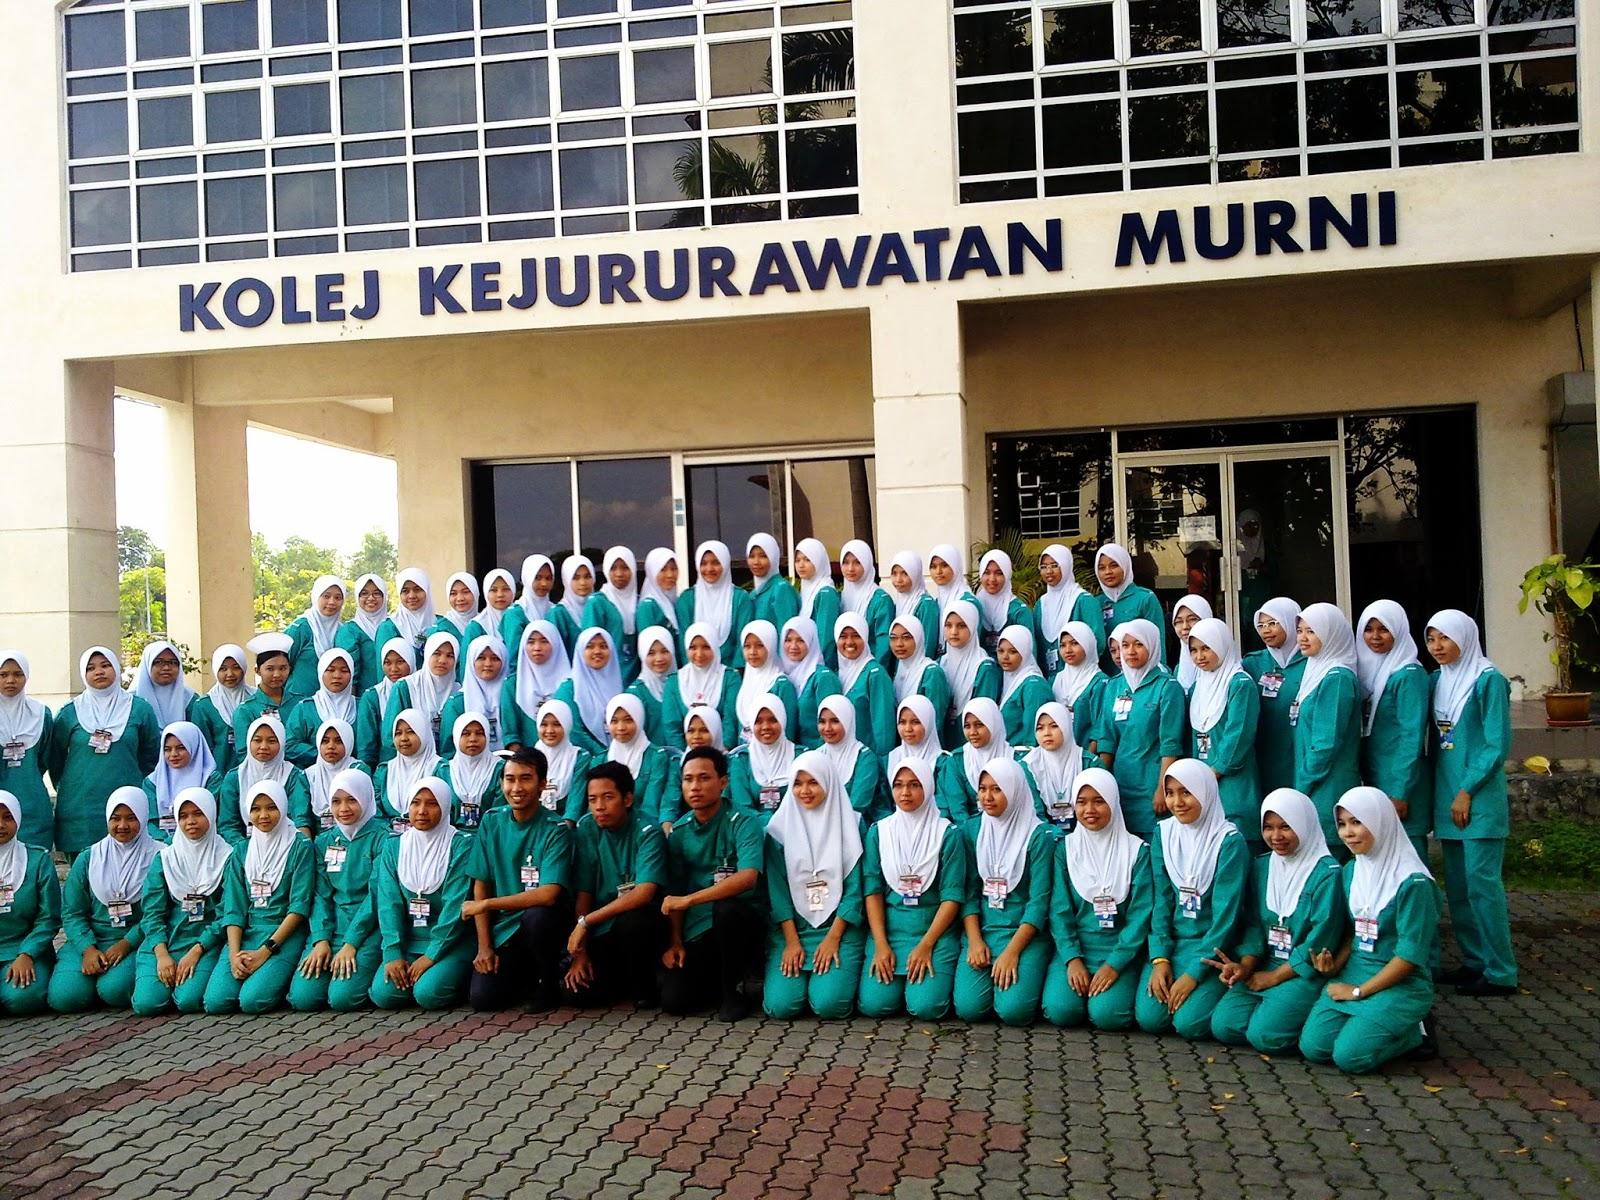 Kolej Antarabangsa Murni